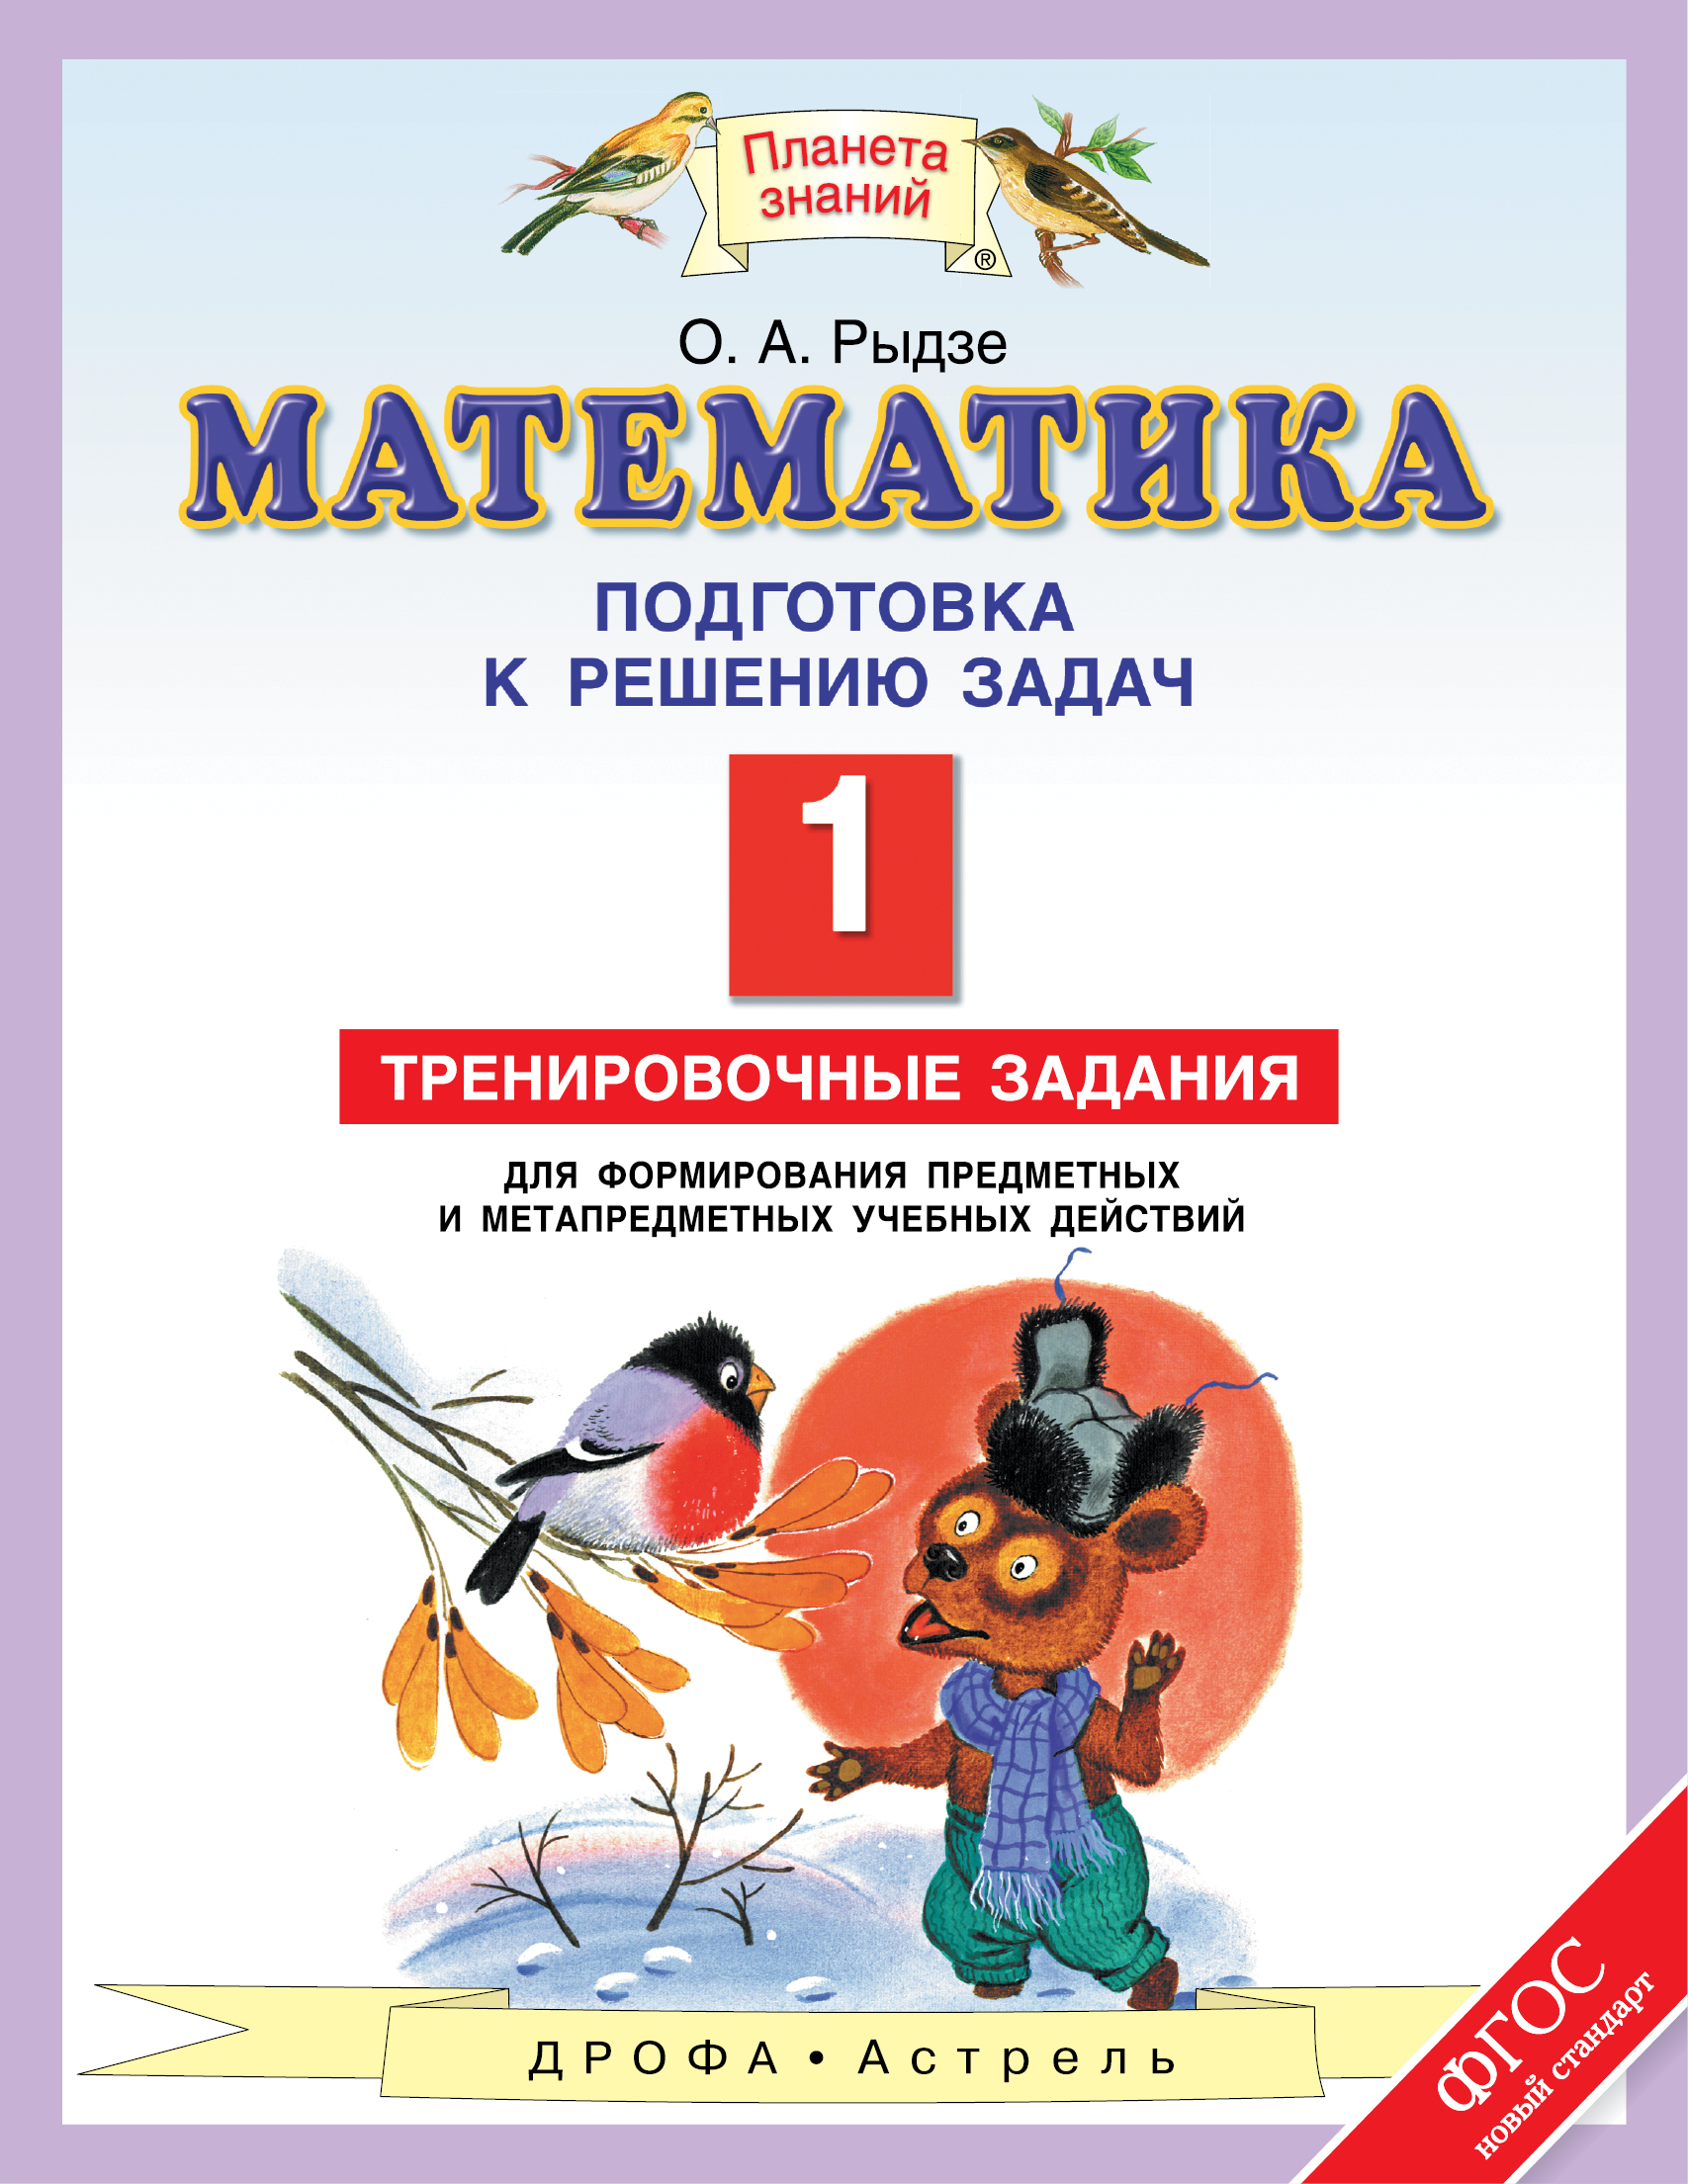 Подготовка к изучению задач. Математика. 1 класс. Тренировочные задания для формирования предметных и метапредметных учебных действий